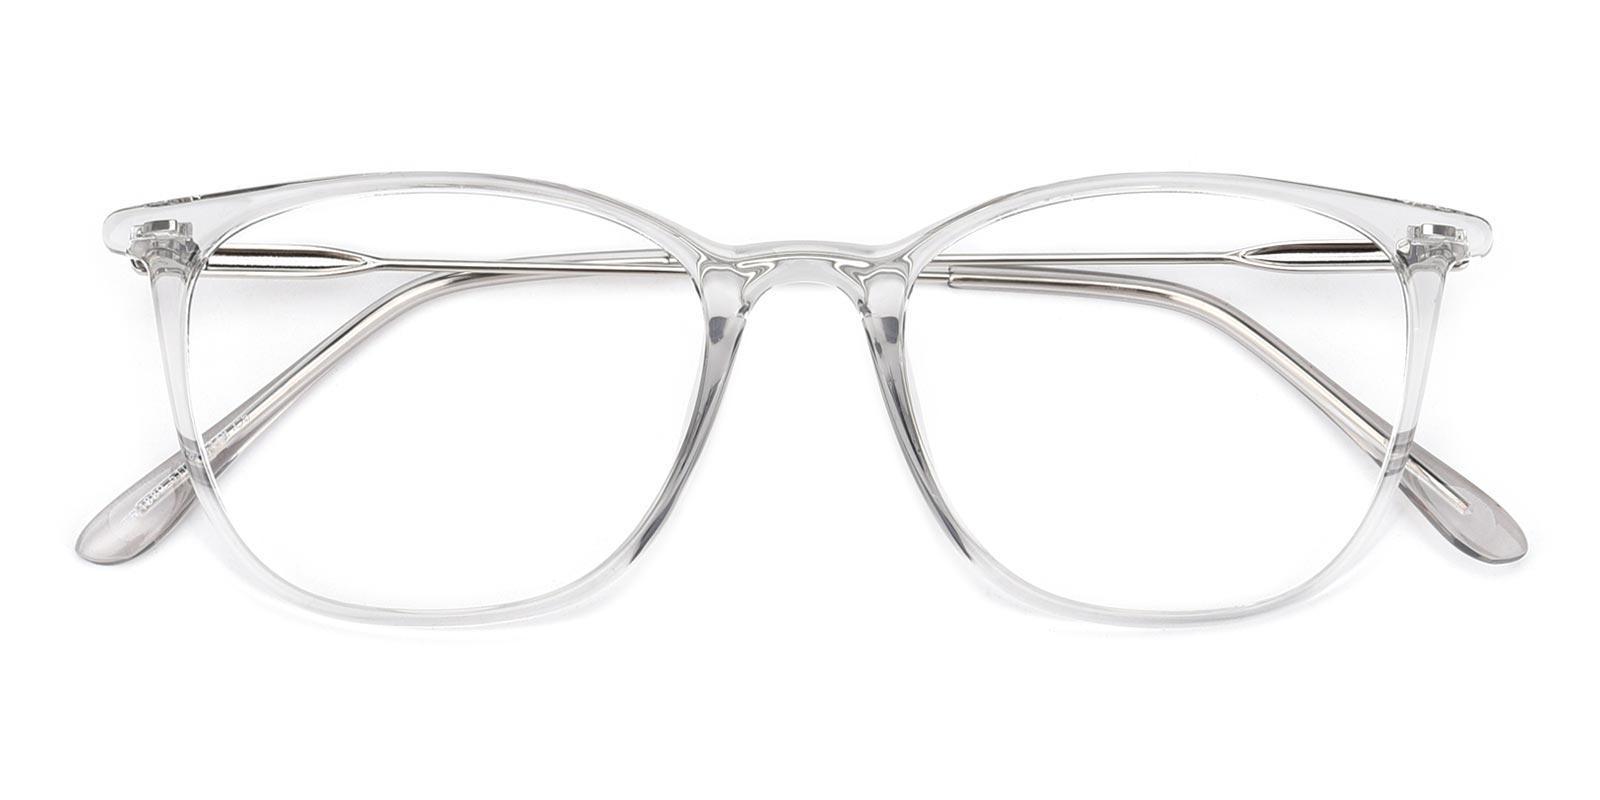 Who-Gray-Square-TR-Eyeglasses-detail